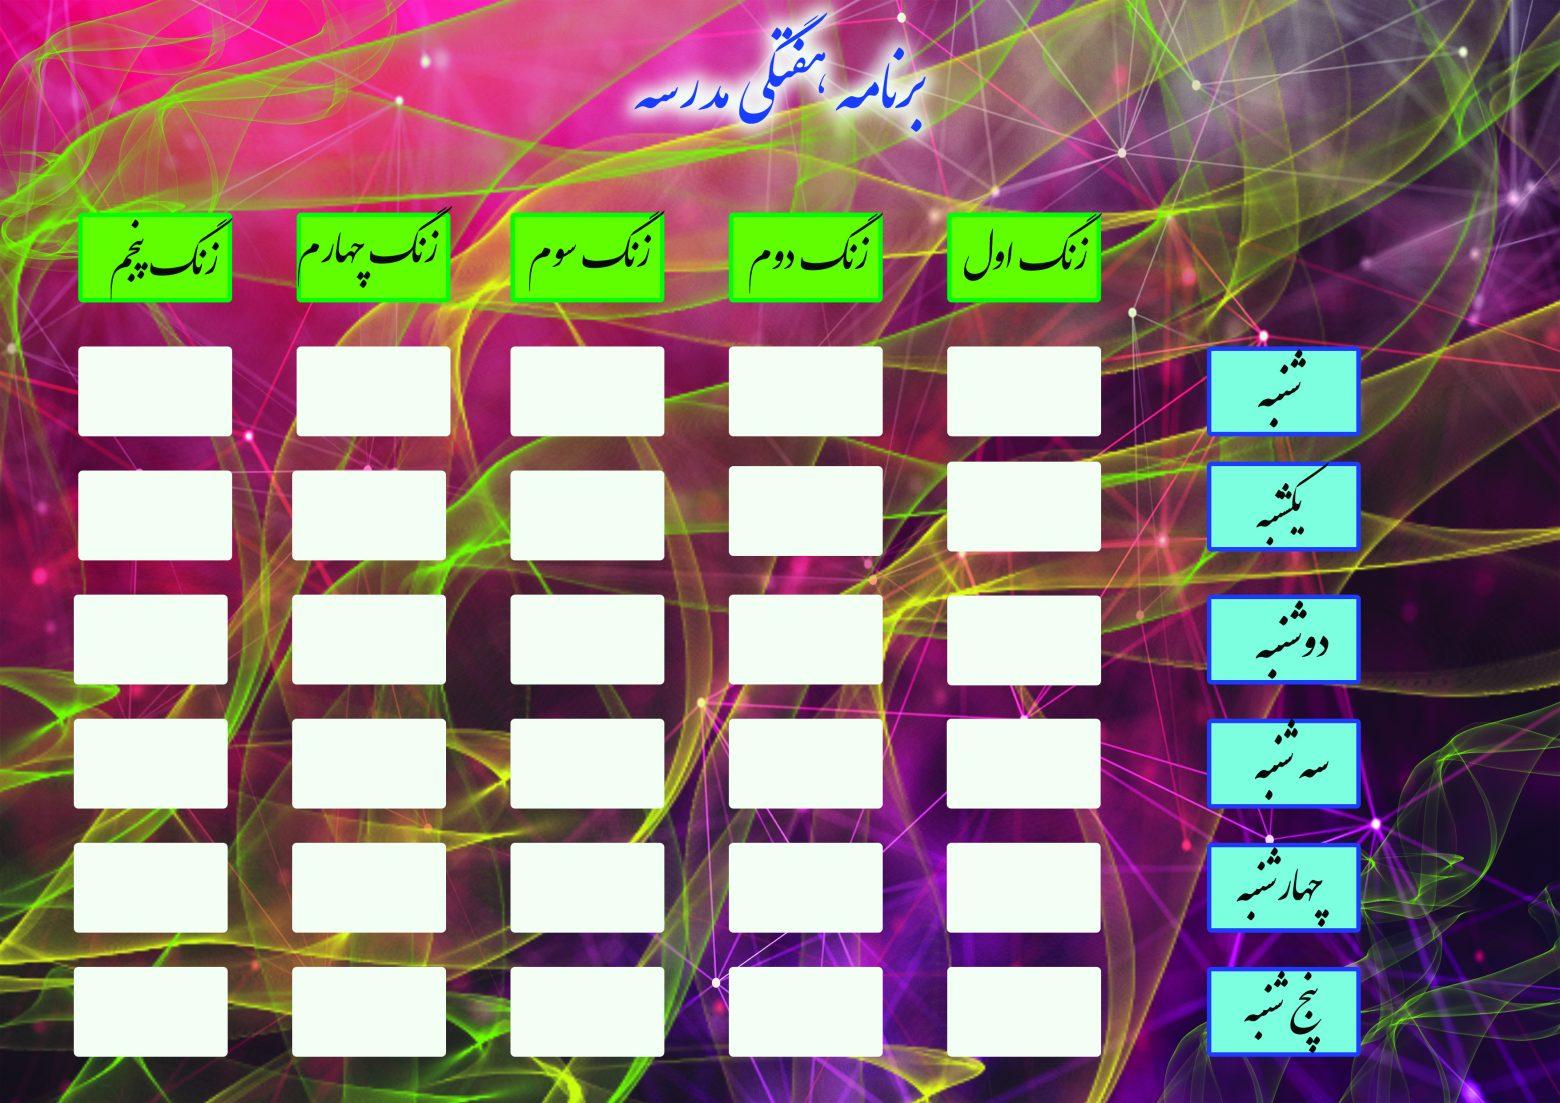 برنامه 1560x1103 - برنامه کلاسی برای مدرسه